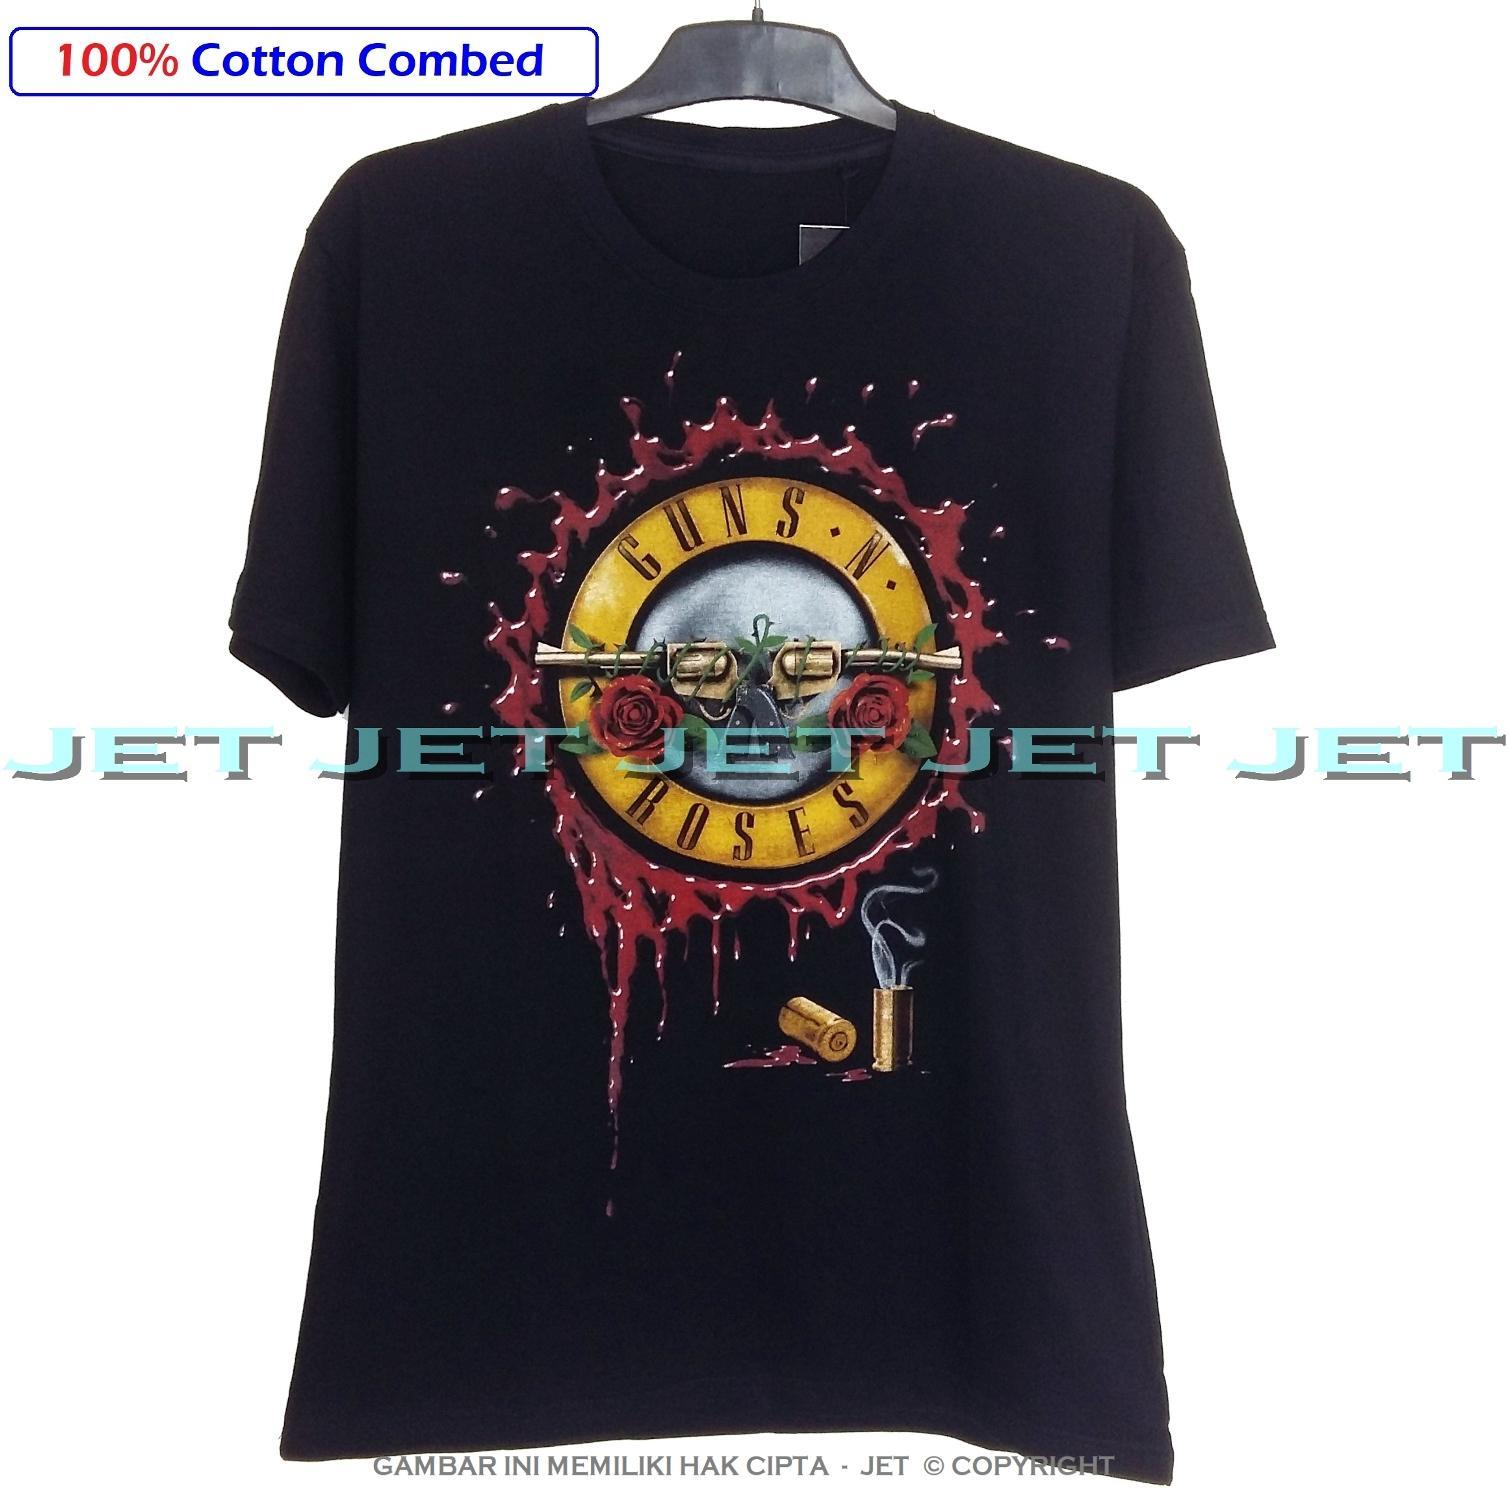 JeT - 100% Cotton Combed 30s - Kaos Pria Wanita GNR Logo Gun N Roses Axel Rose Slash Music Rock Artis - Real Pic - Ready Stock – Kirim Dari Jakarta – Kaos Distro Bandung - Keren - Bahan Bagus - Lembut - Nyaman - Adem - Awet -  Simple Fashion – Hitam